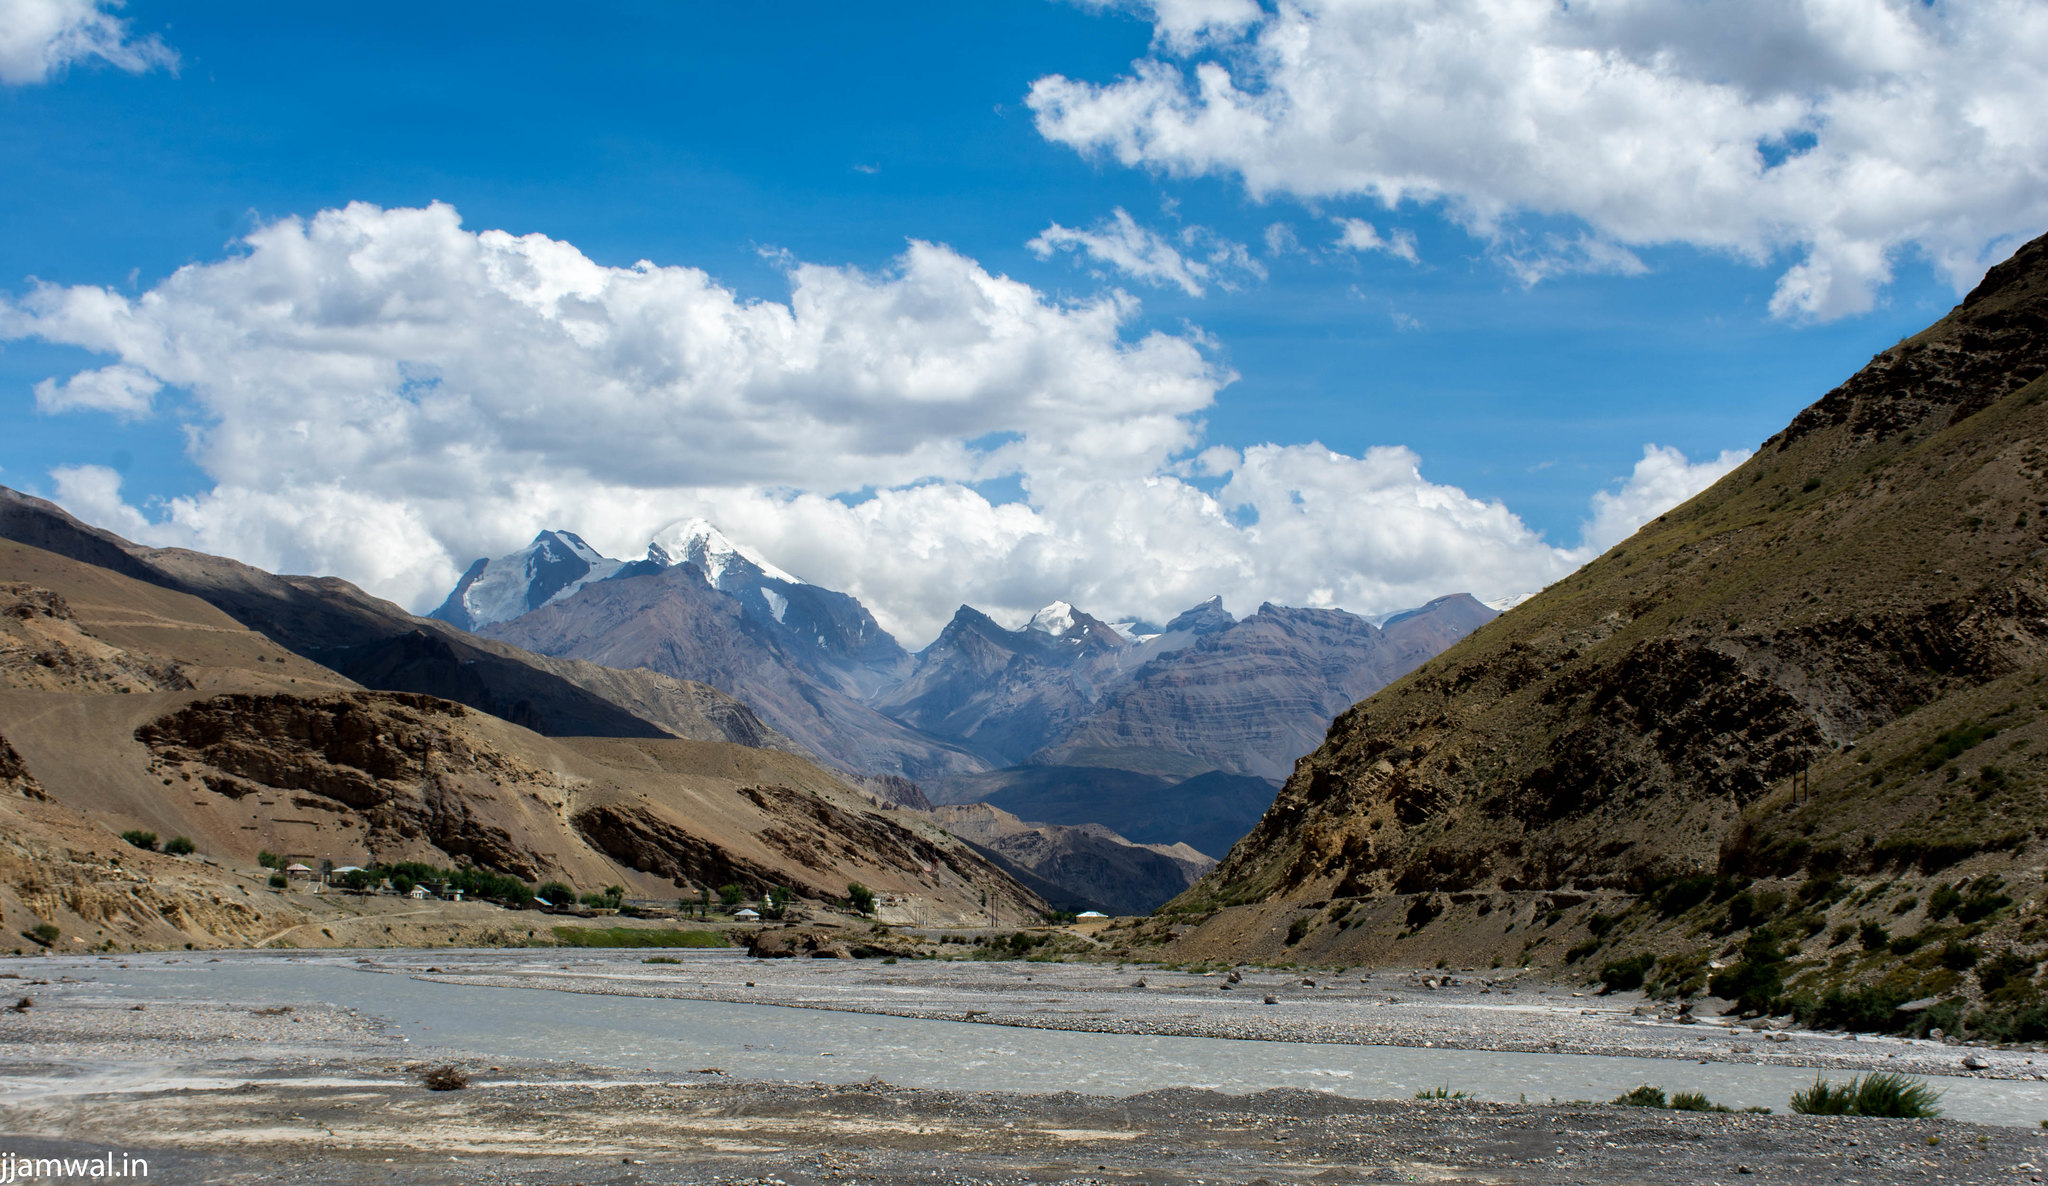 View from Road below Dhankar